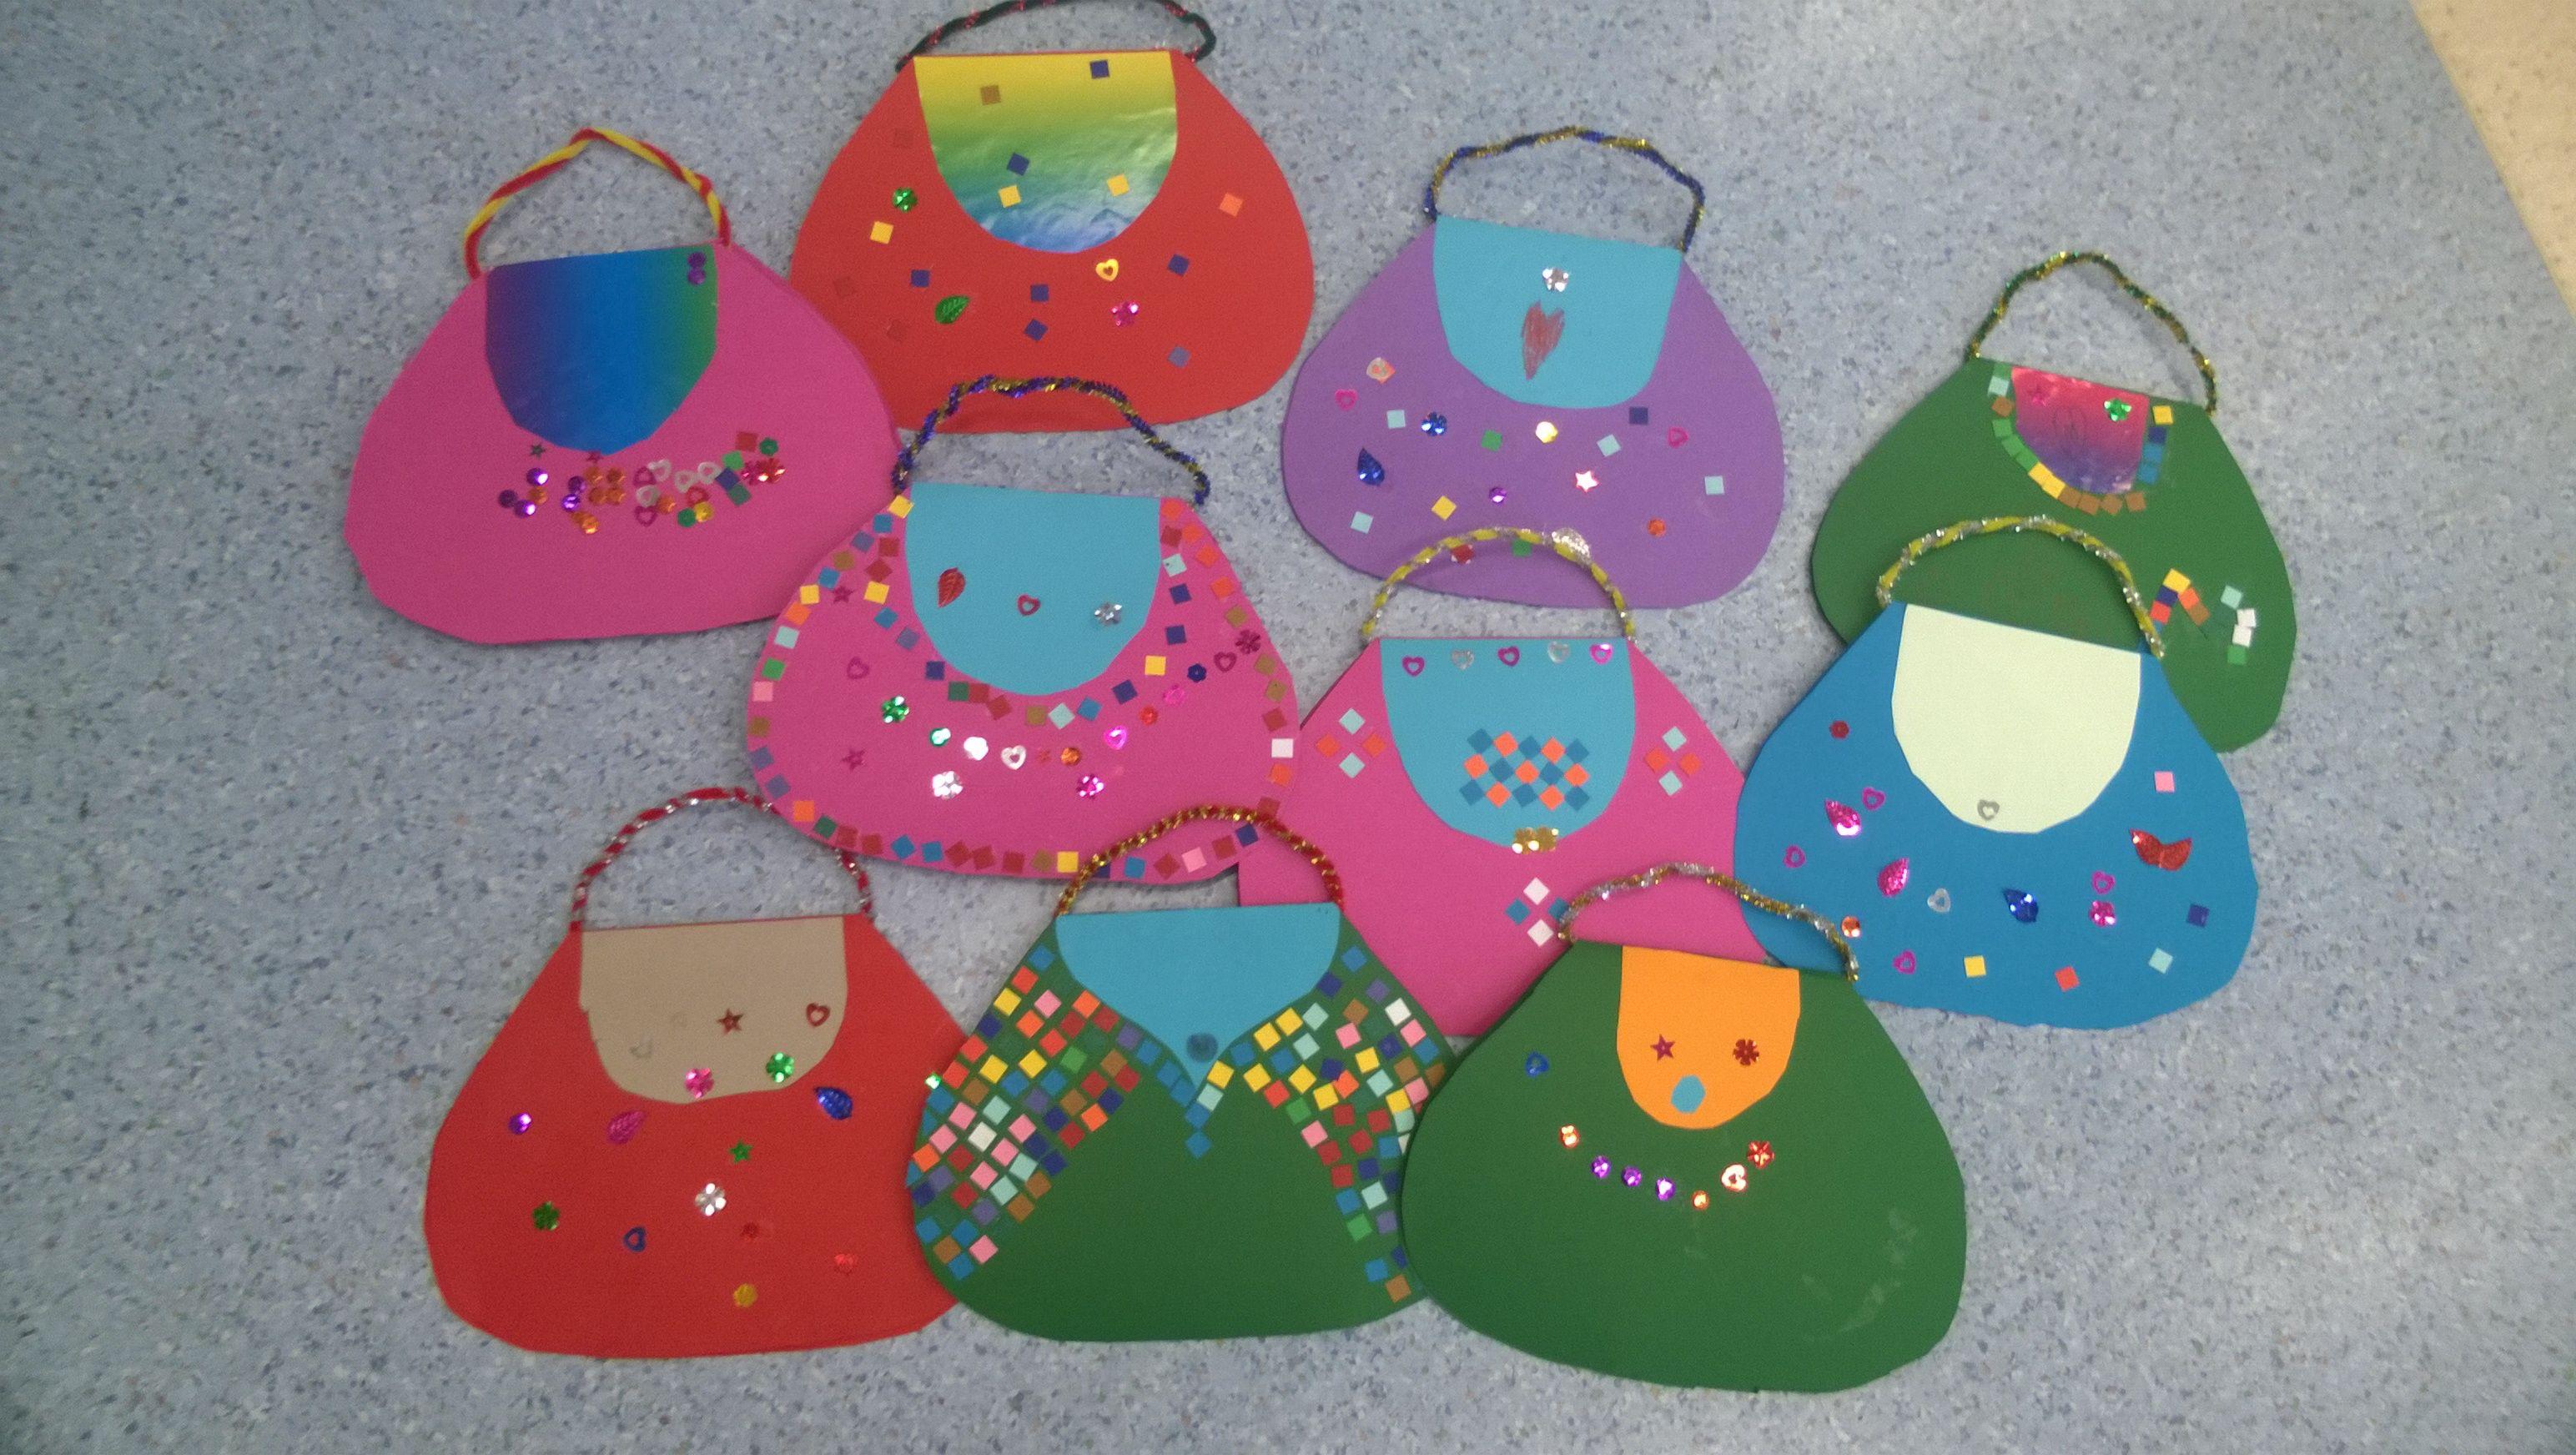 3. luokkalaisten käsilaukut äidille. Kassin sisältä löytyy jokaisen oman äidin tärkeät asiat;)